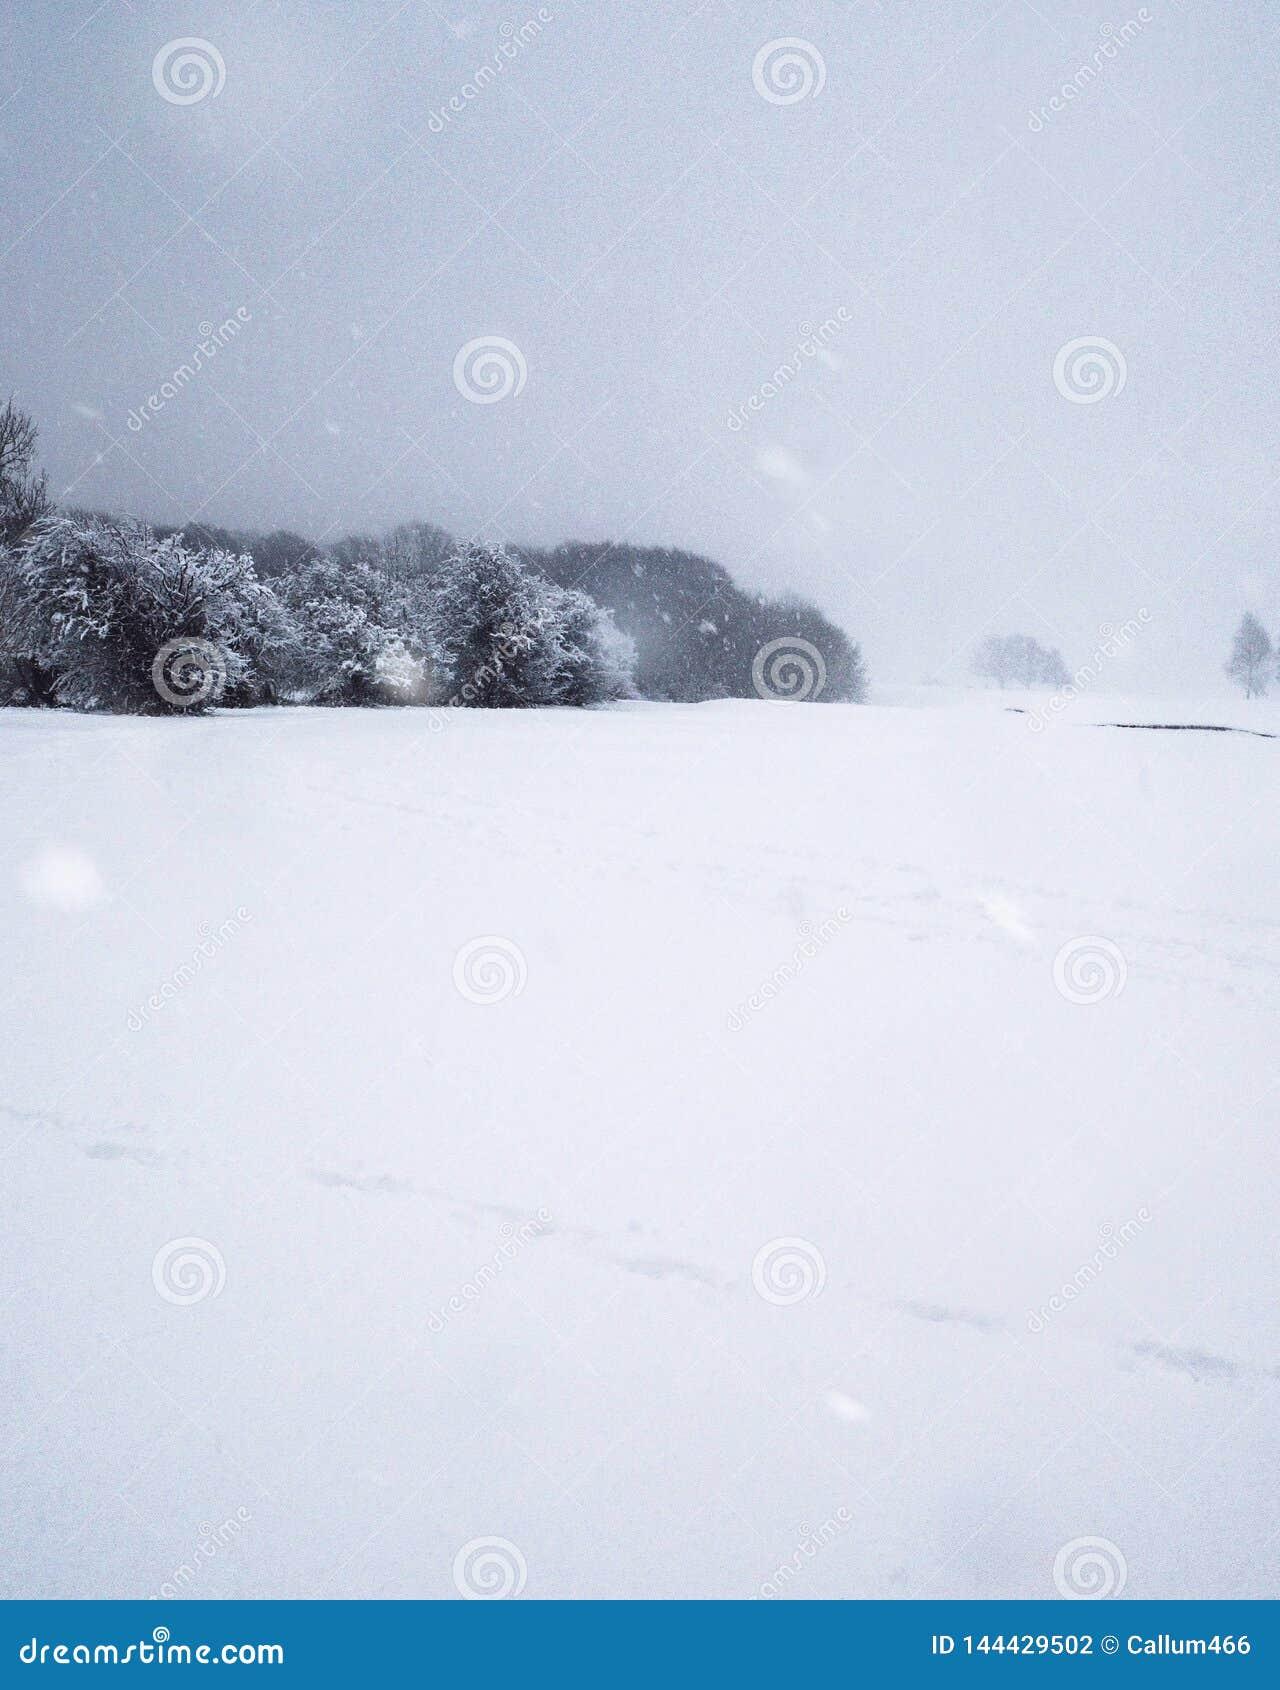 Nieve caida sobre un borde del arbolado